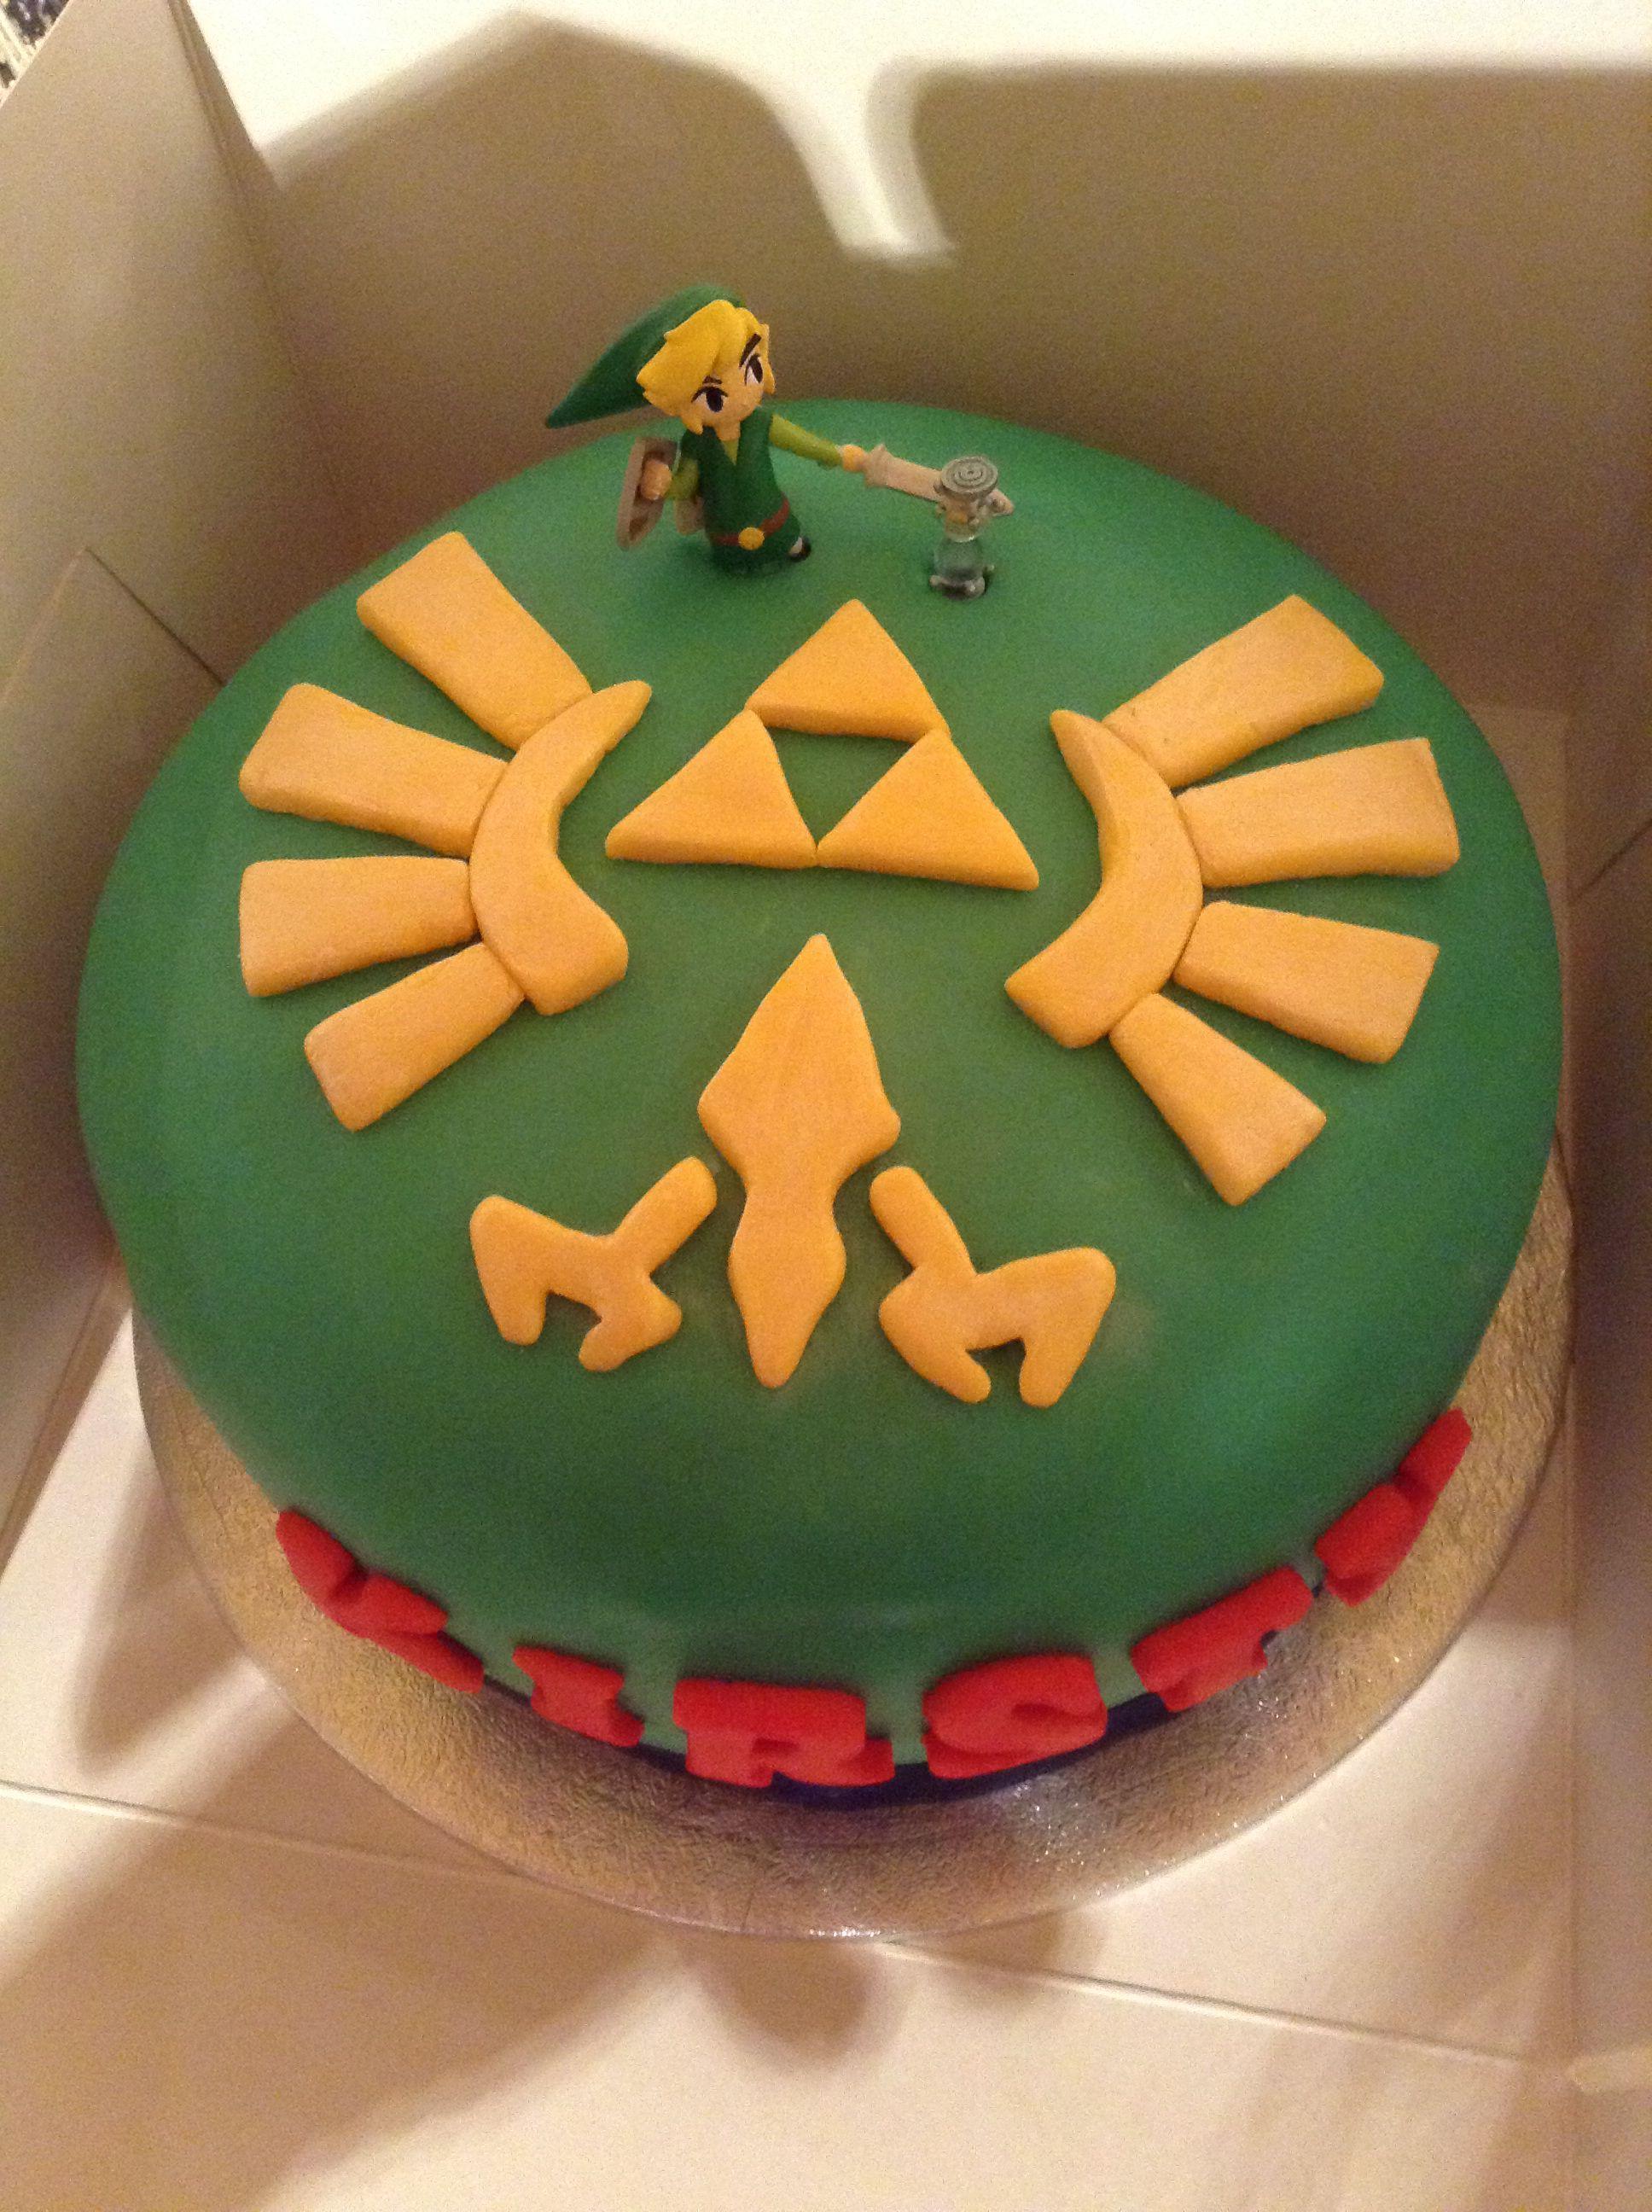 Legend of zelda cake grooms cake wedding cakes for Cocinar zelda